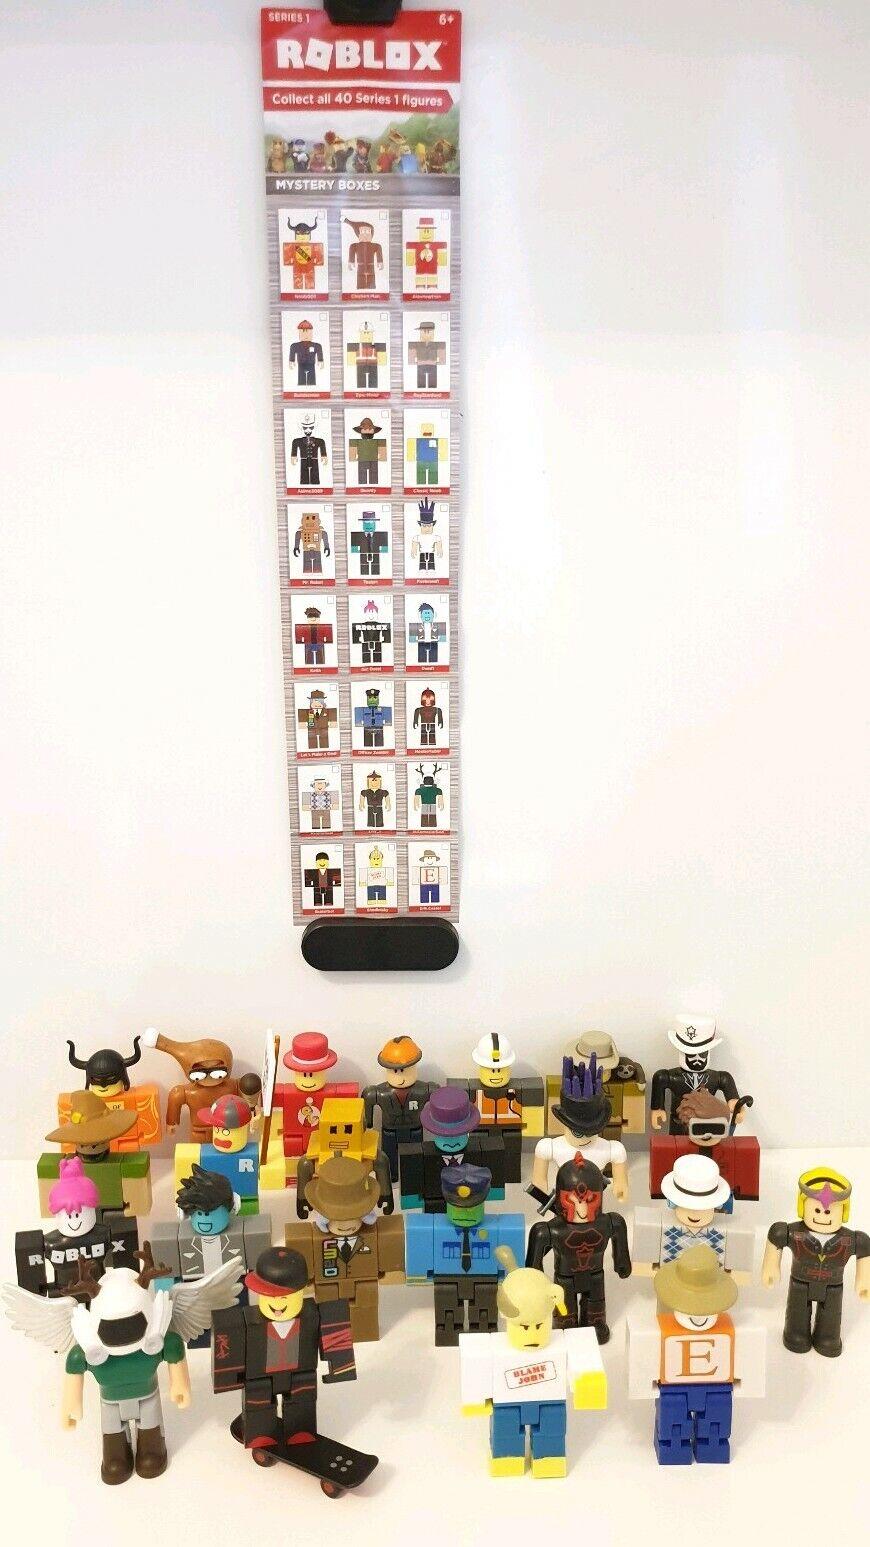 alta calidad y envío rápido ROBLOX Series 1 Figuras Caja De Misterio Lote de colección colección colección completa.  Venta barata